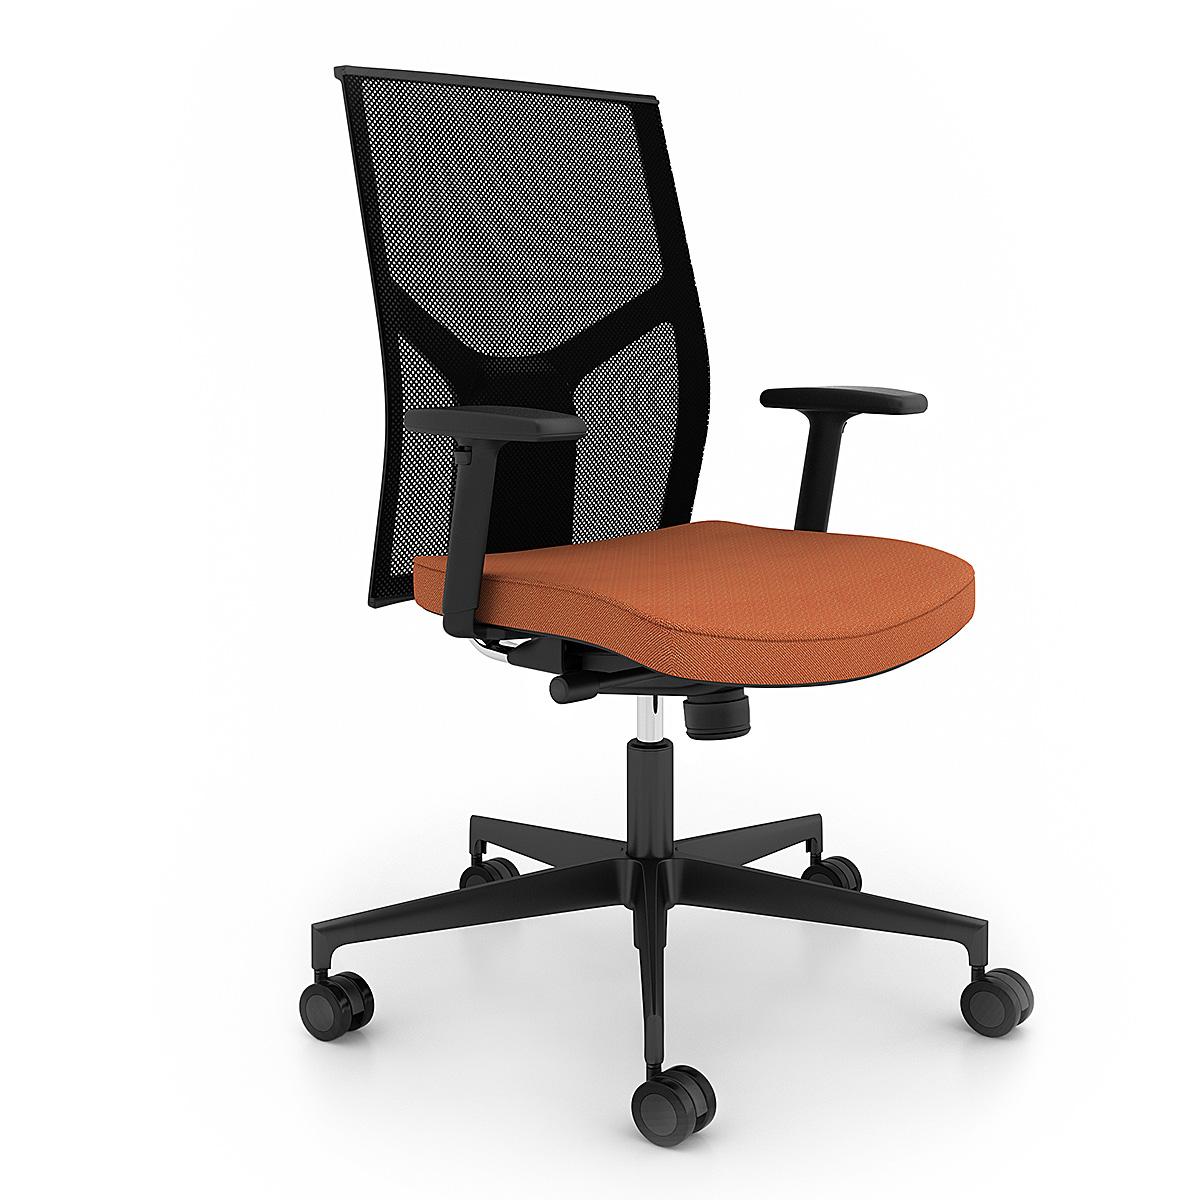 bilbao simmis chaises et fauteuils de bureau et collectivit s. Black Bedroom Furniture Sets. Home Design Ideas